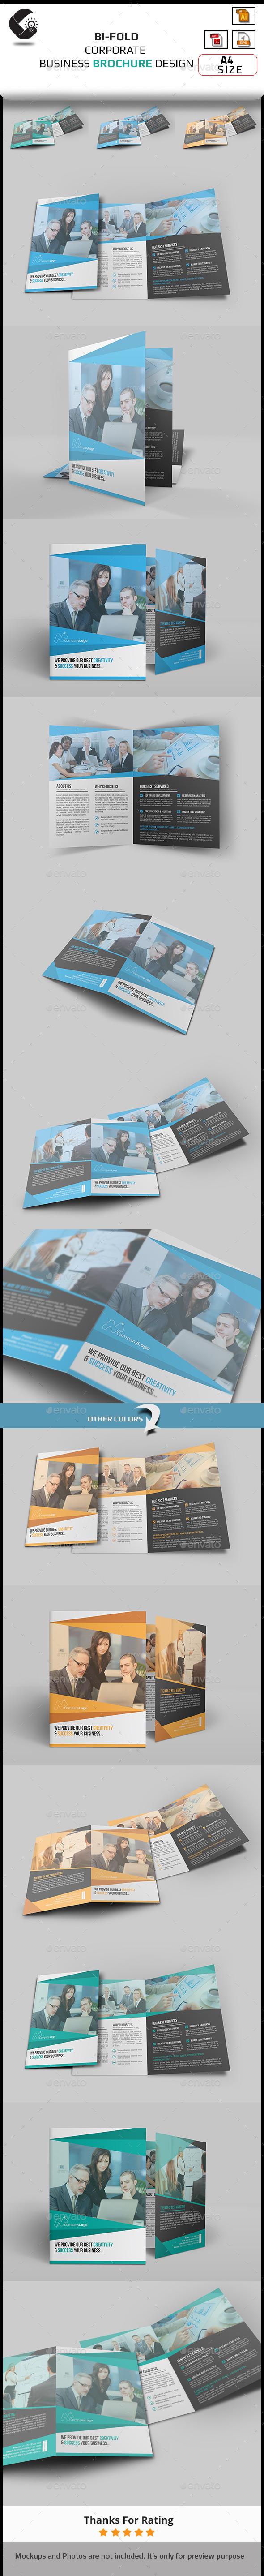 GraphicRiver Corporate Brochure Design 10955182